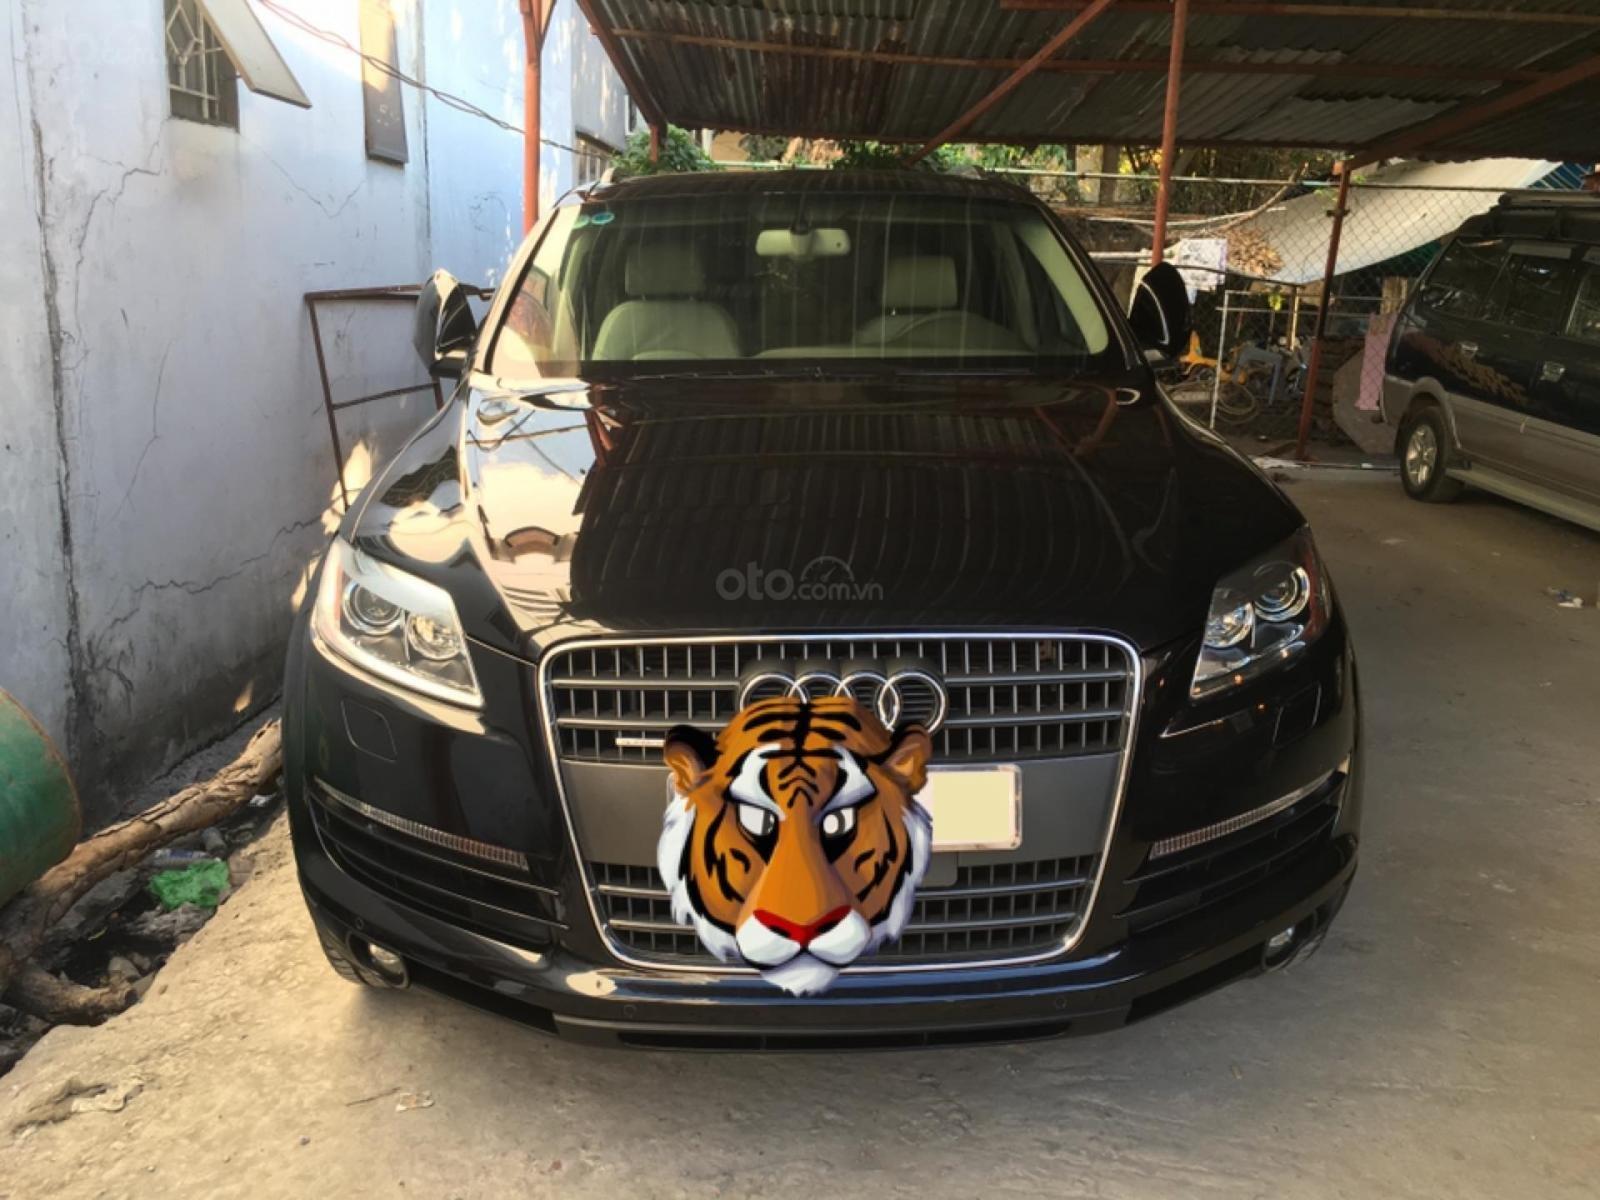 Mình cần bán chiếc Audi Q7 model 2008, màu đen, bản full option, nhập khẩu Đức-0